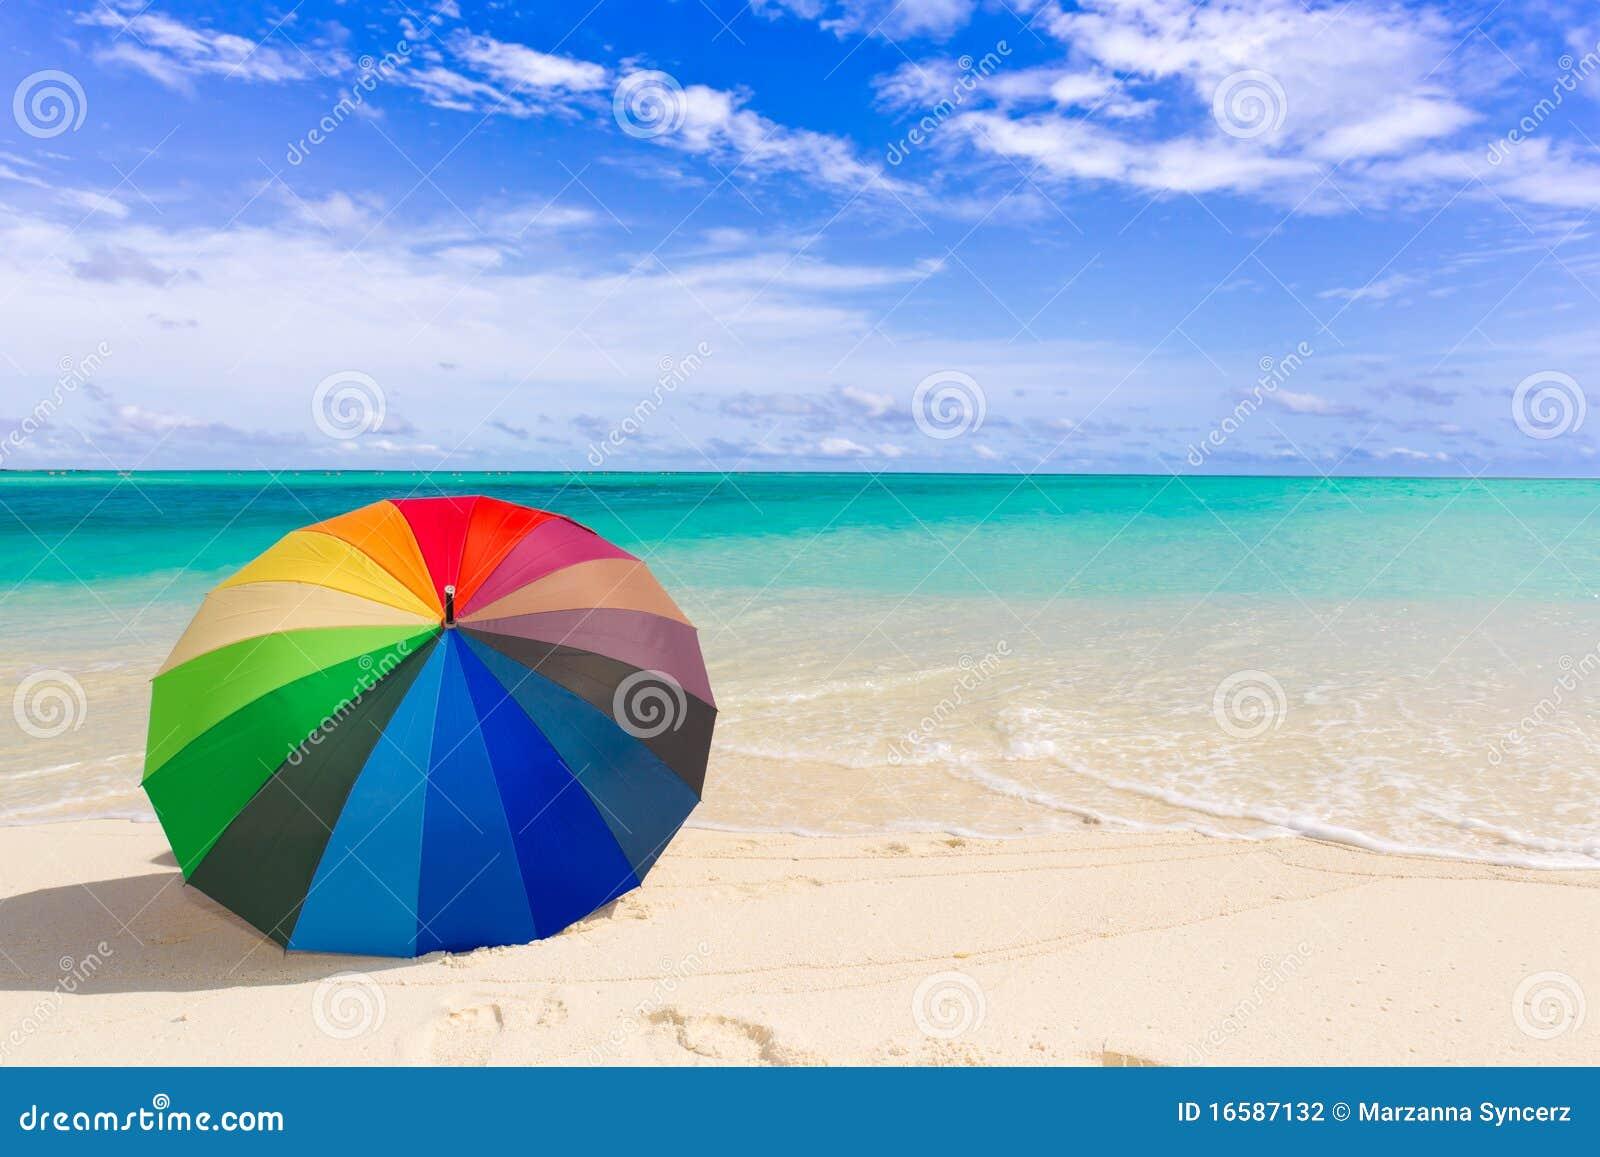 parapluie color sur la plage - Parapluie Color